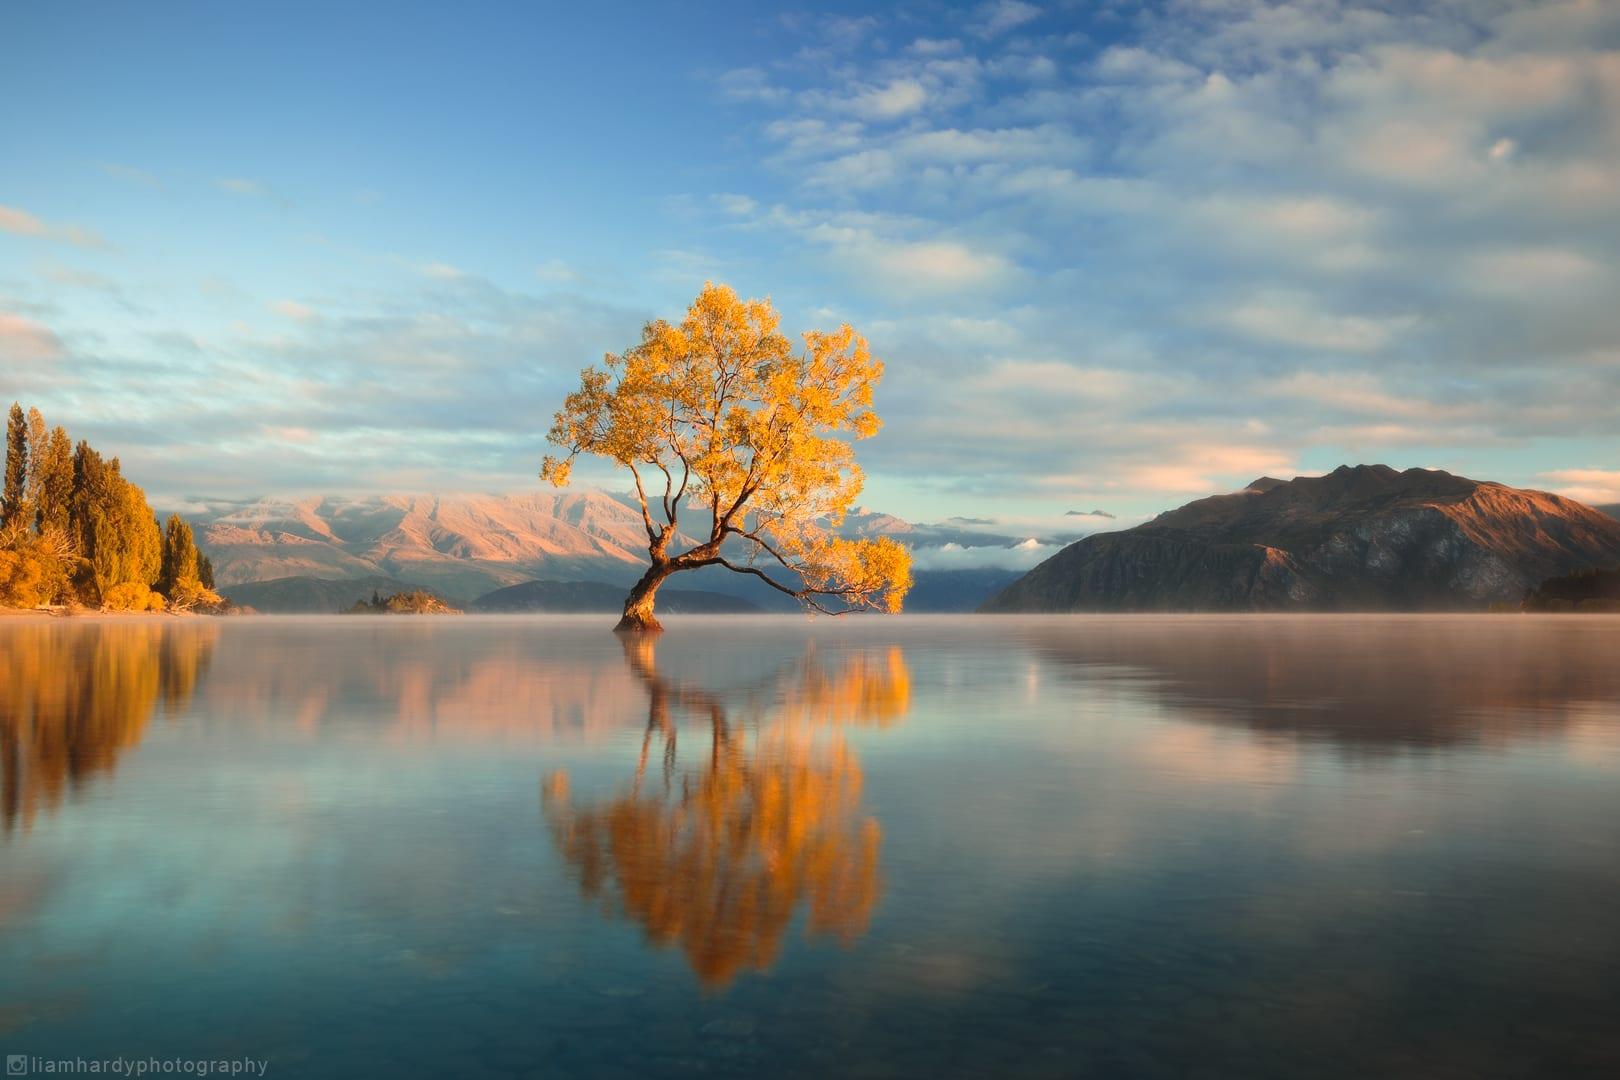 捕捉最美孤樹的身影,圖片取自rebrn.com。